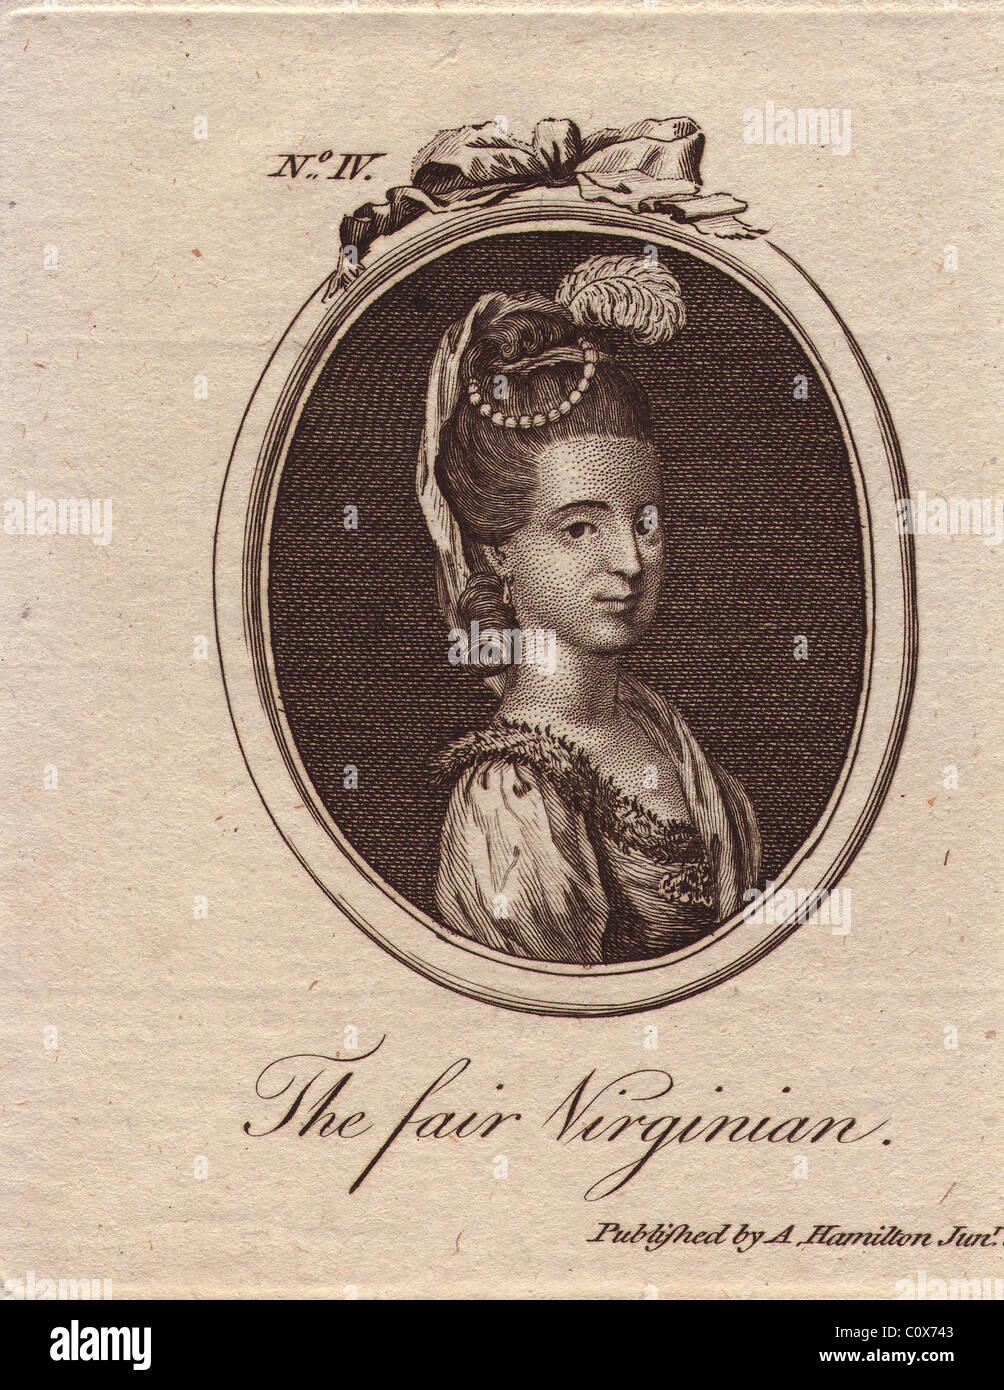 La fiera virginian, misterioso del XVIII secolo la bellezza. Immagini Stock